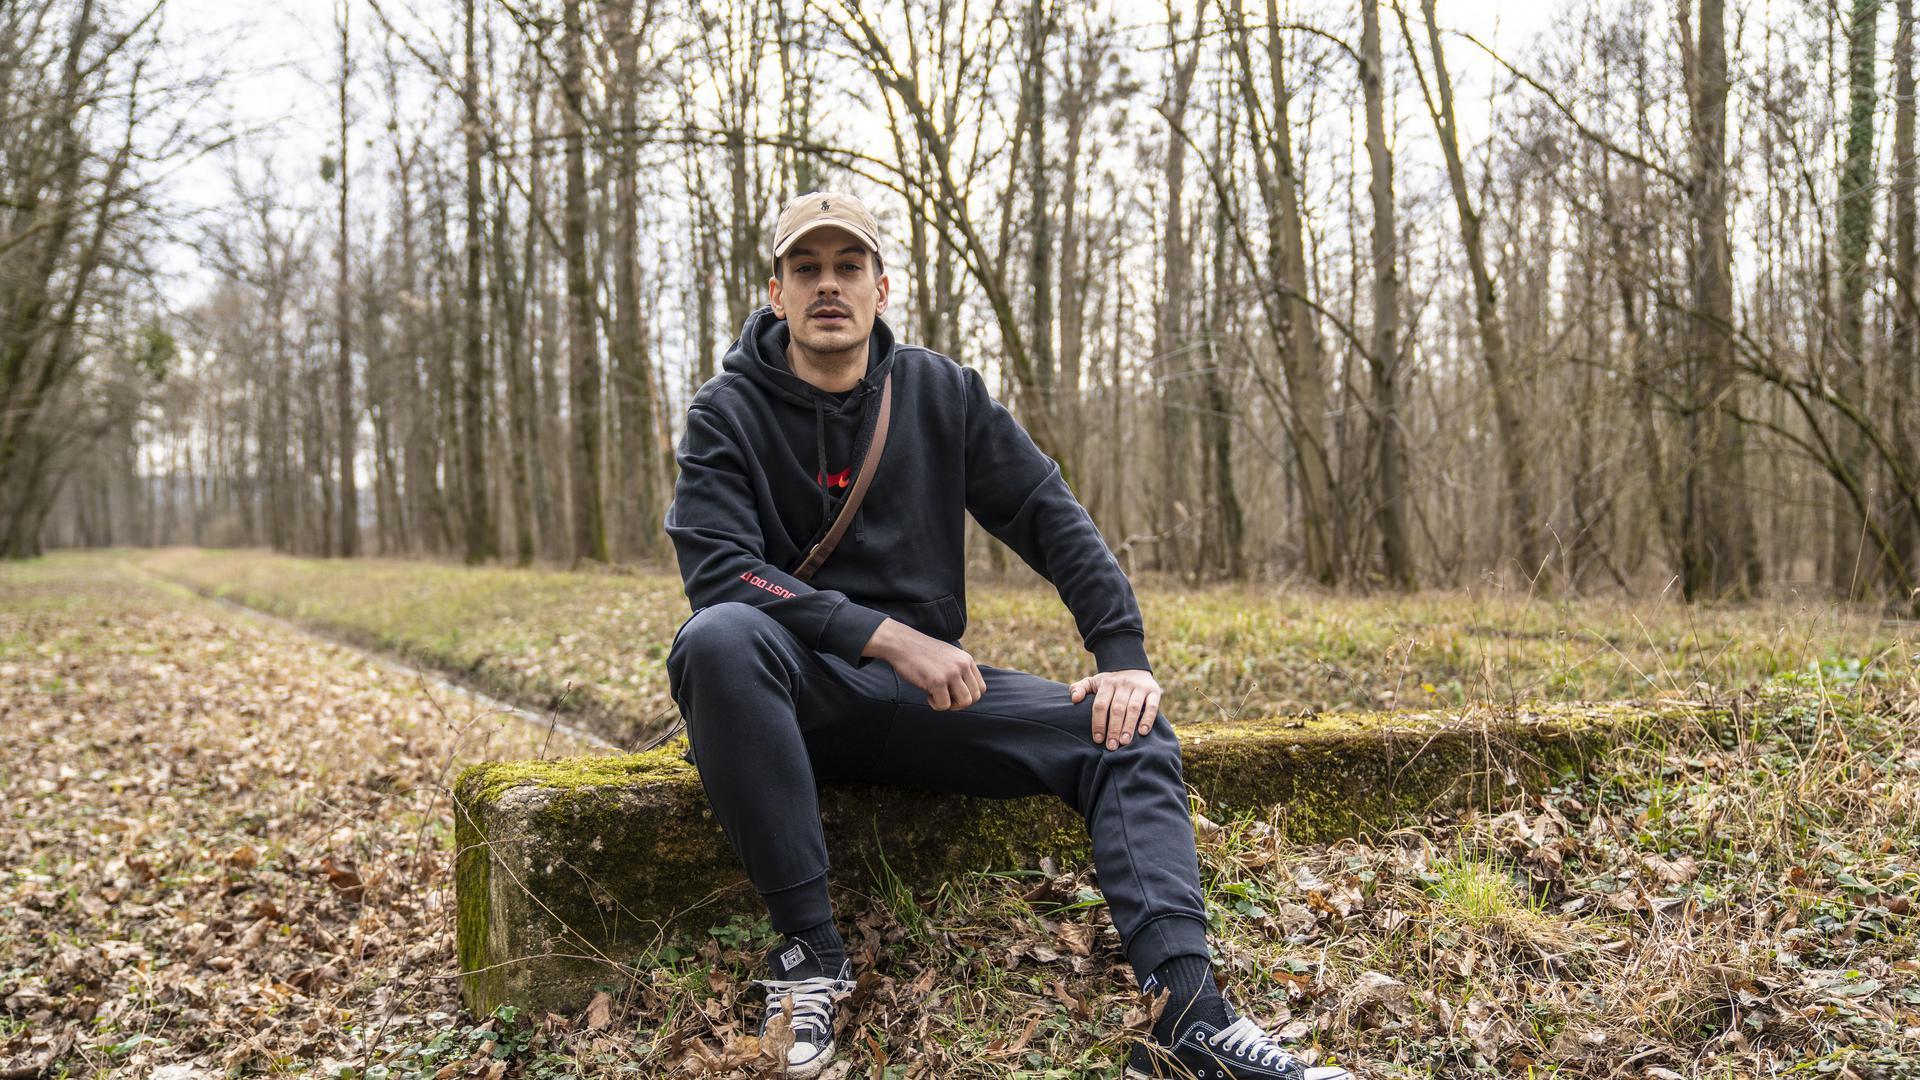 David Bošnjak, besser bekannt als Haze, sitzt auf einem Stein, hinter ihm ist ein Waldstück zu erkennen.